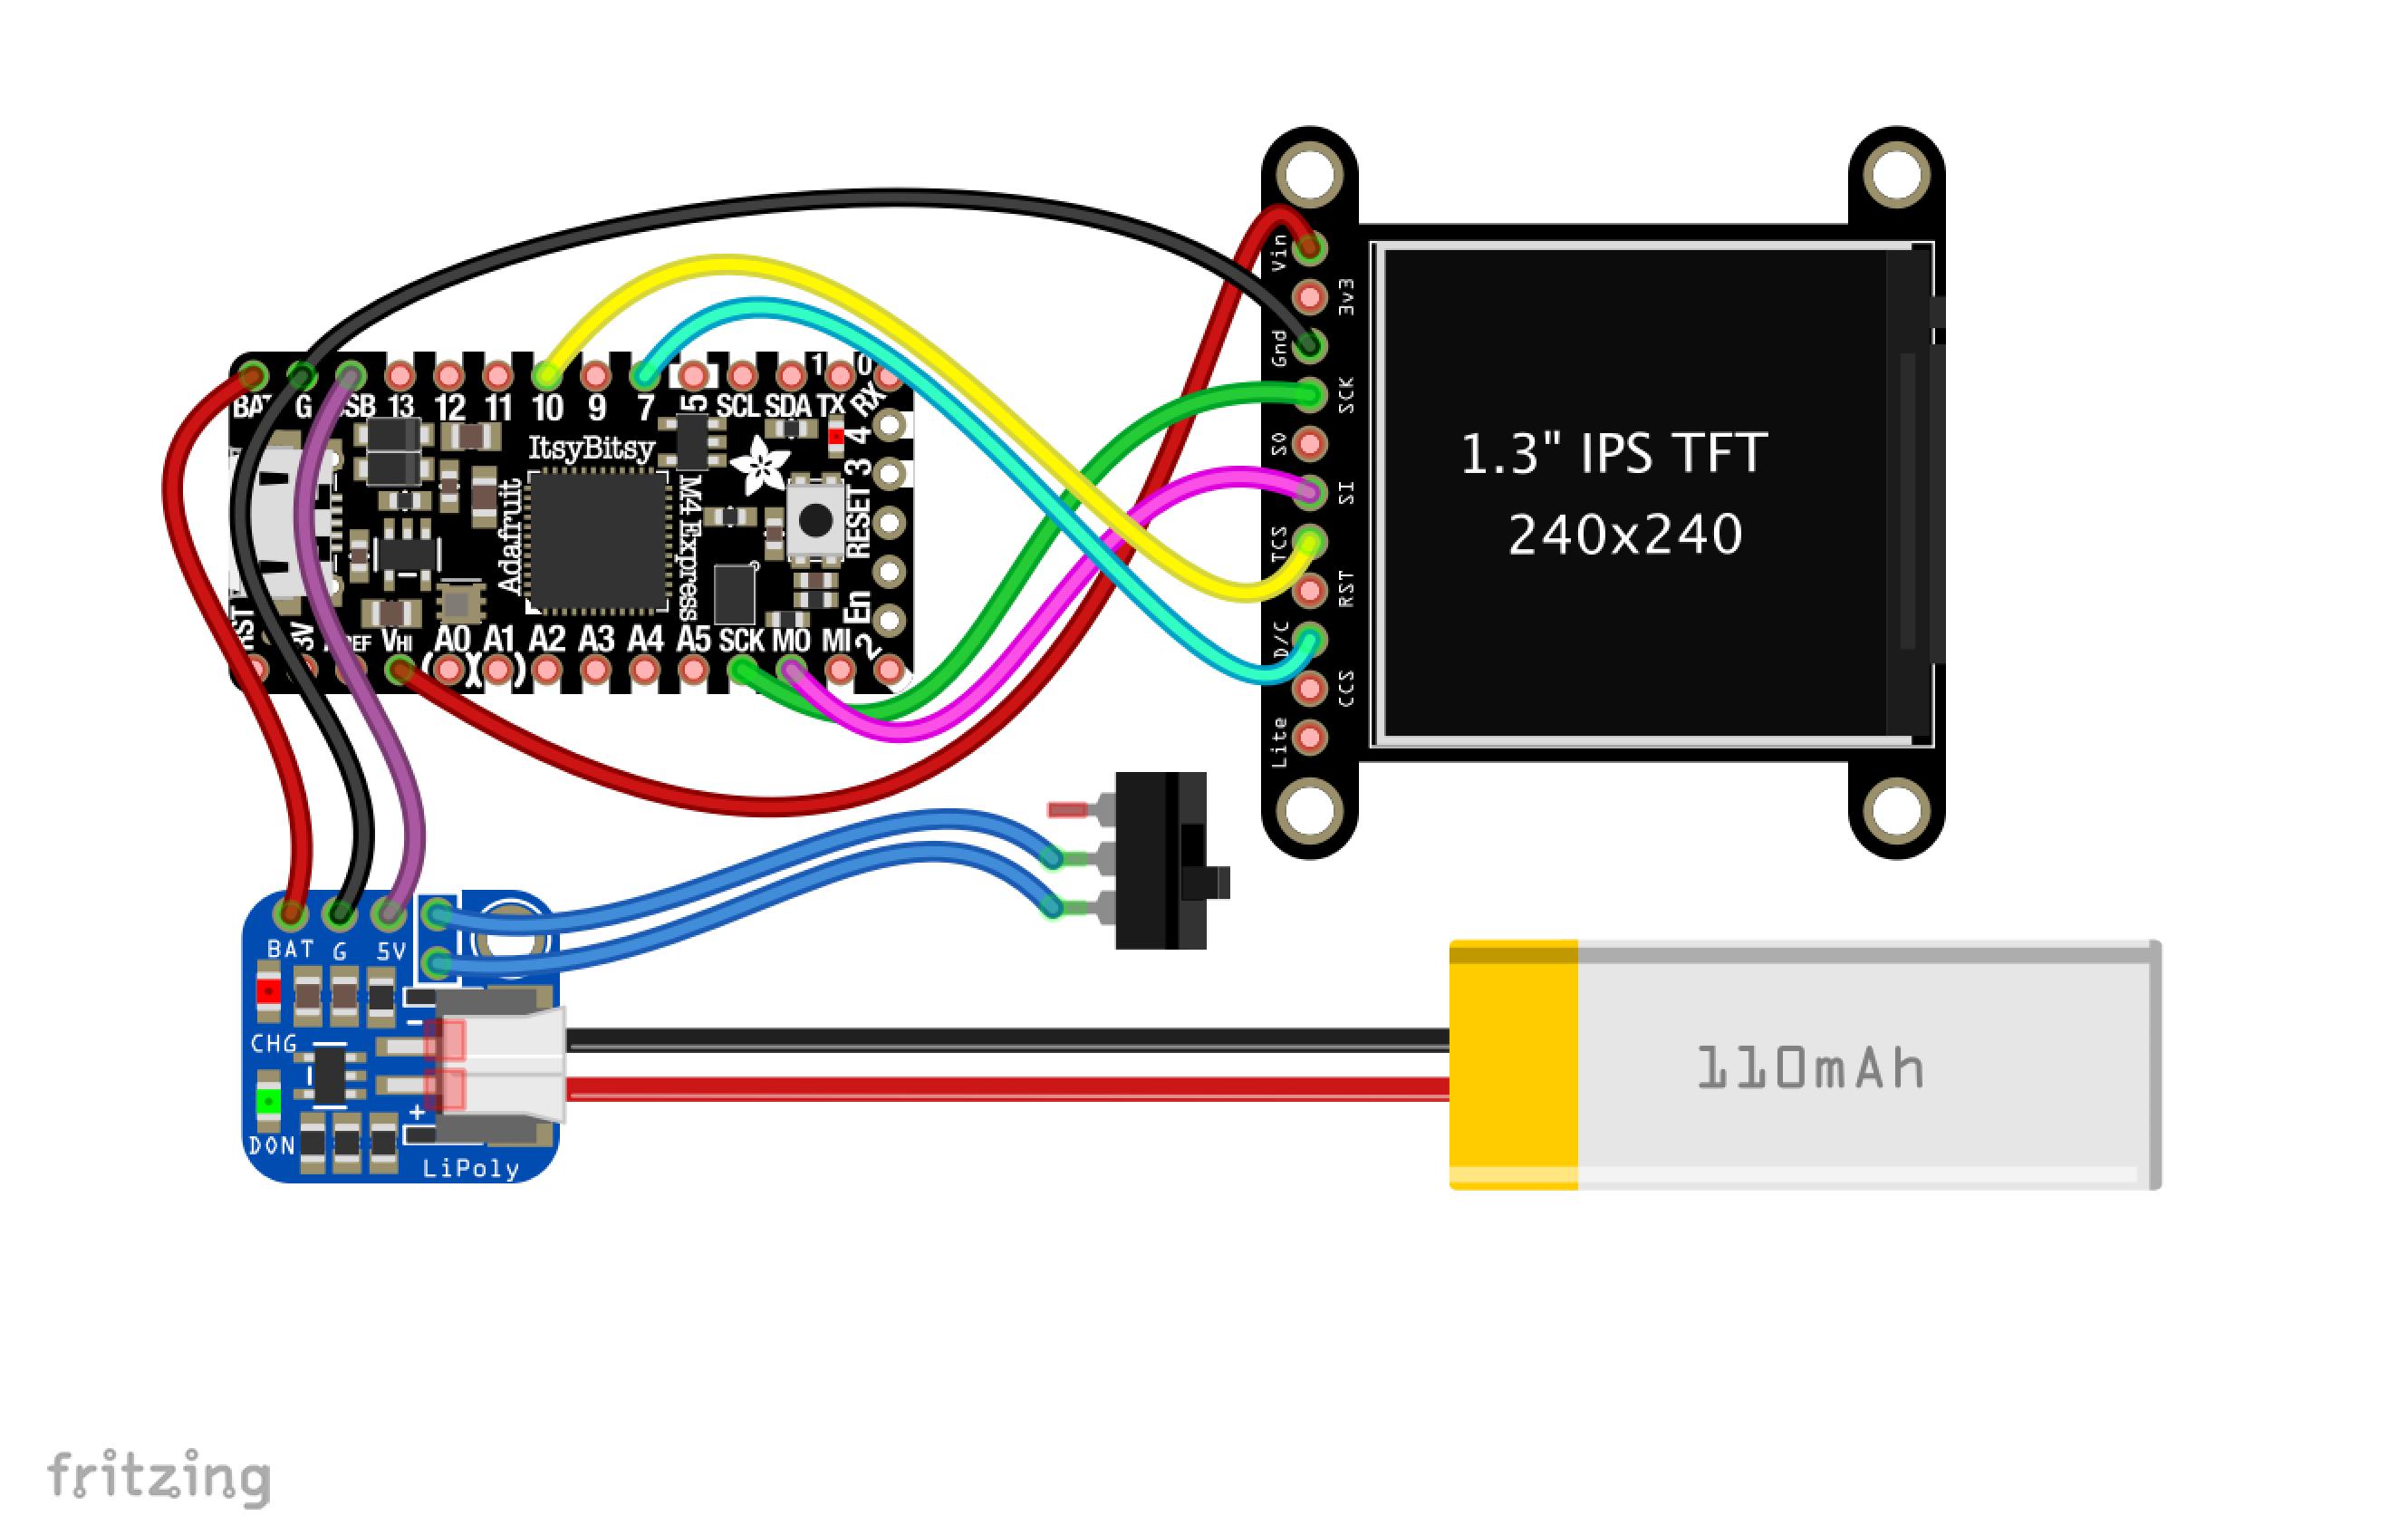 3d_printing_circuit_diagram.png